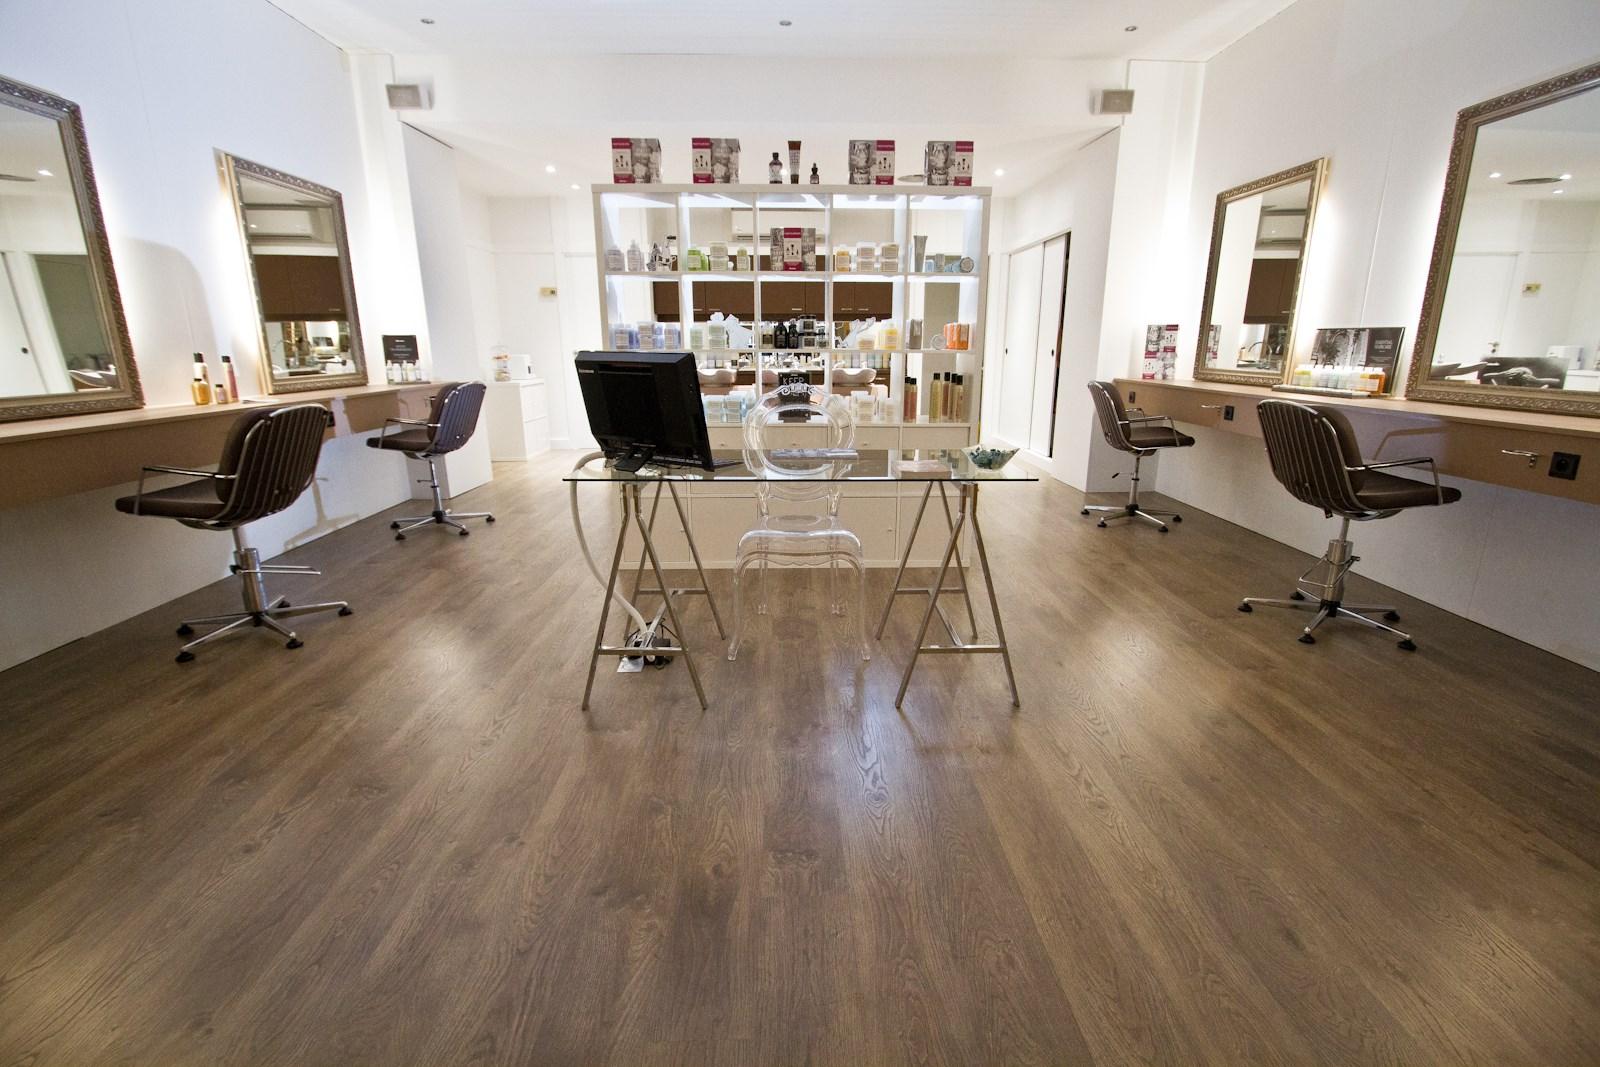 Blow up cannes avis tarifs horaires t l phone - Salon de coiffure cannes ...